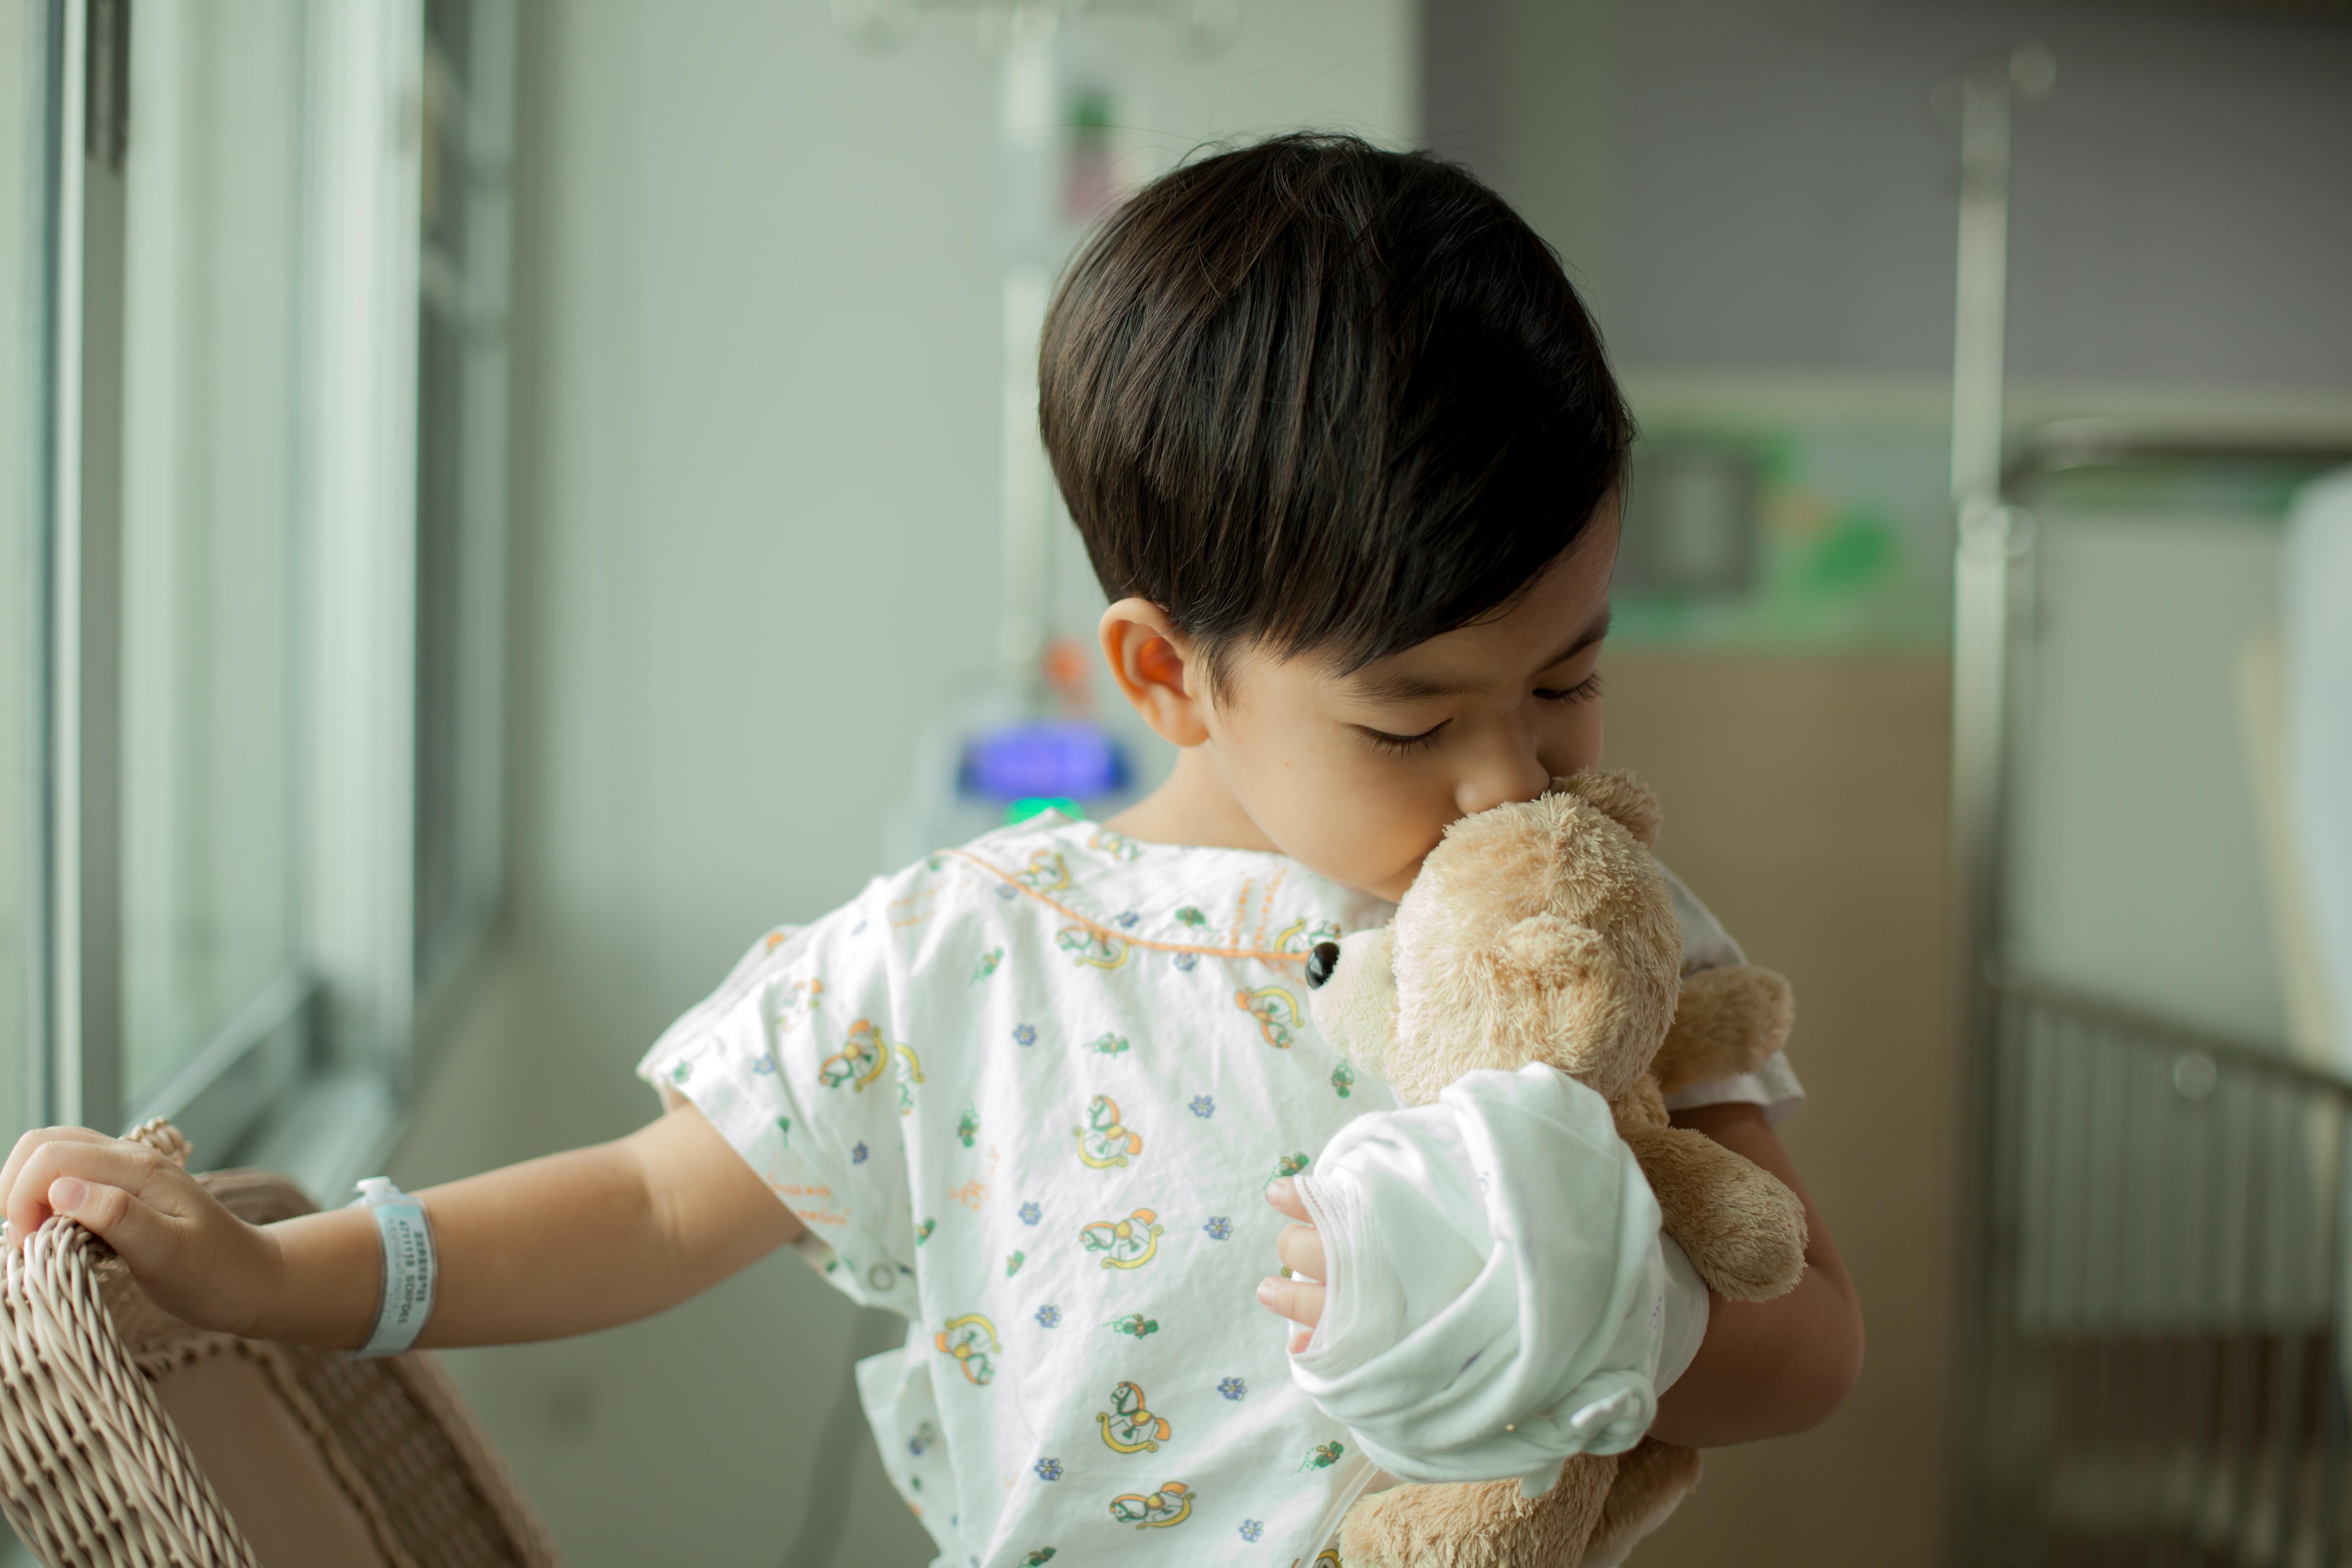 Idag överlever 80 procent av de barn som drabbas av cancer.